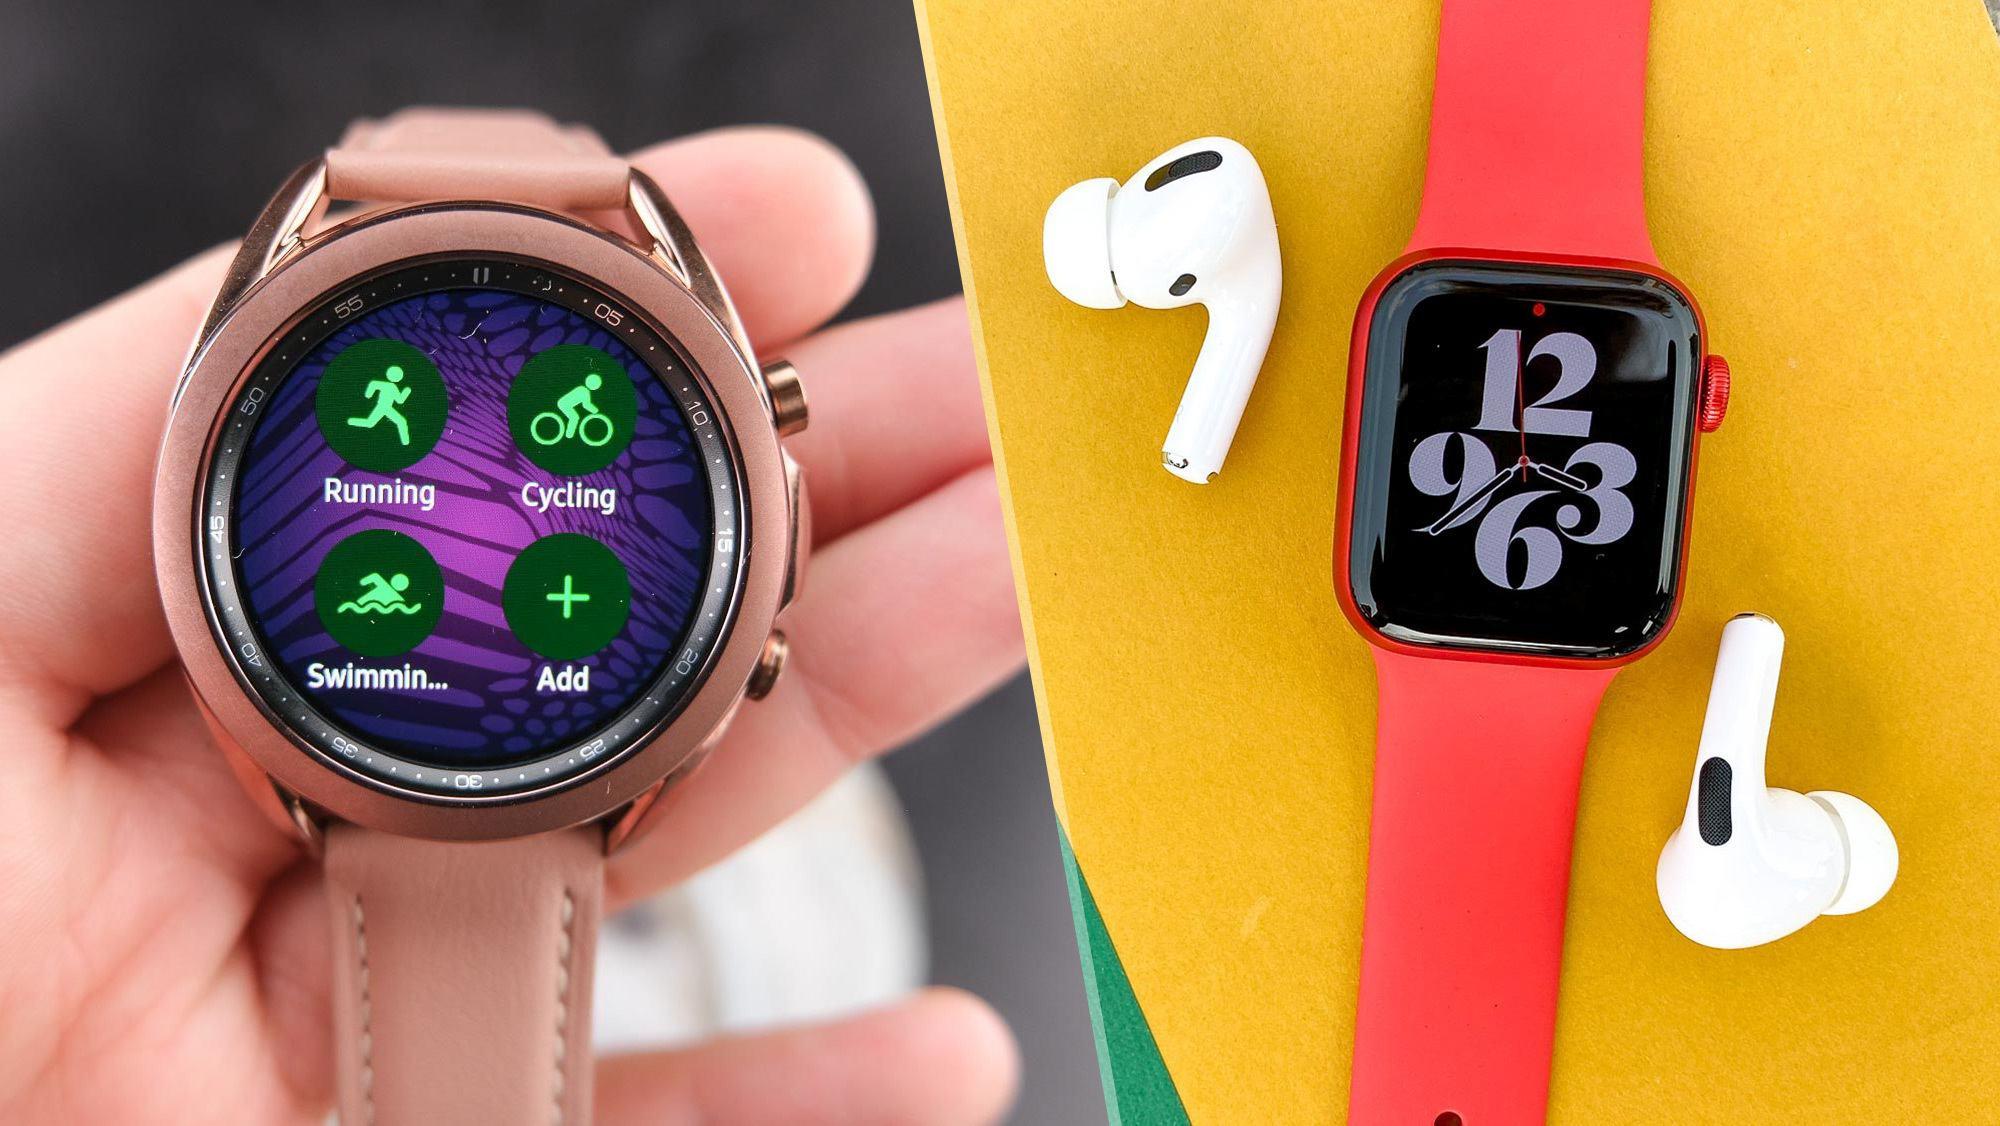 Apple Watch 6 và Samsung Galaxy Watch 3: Cuộc đối đầu không hồi kết của 2 dòng đồng hồ thông minh 29